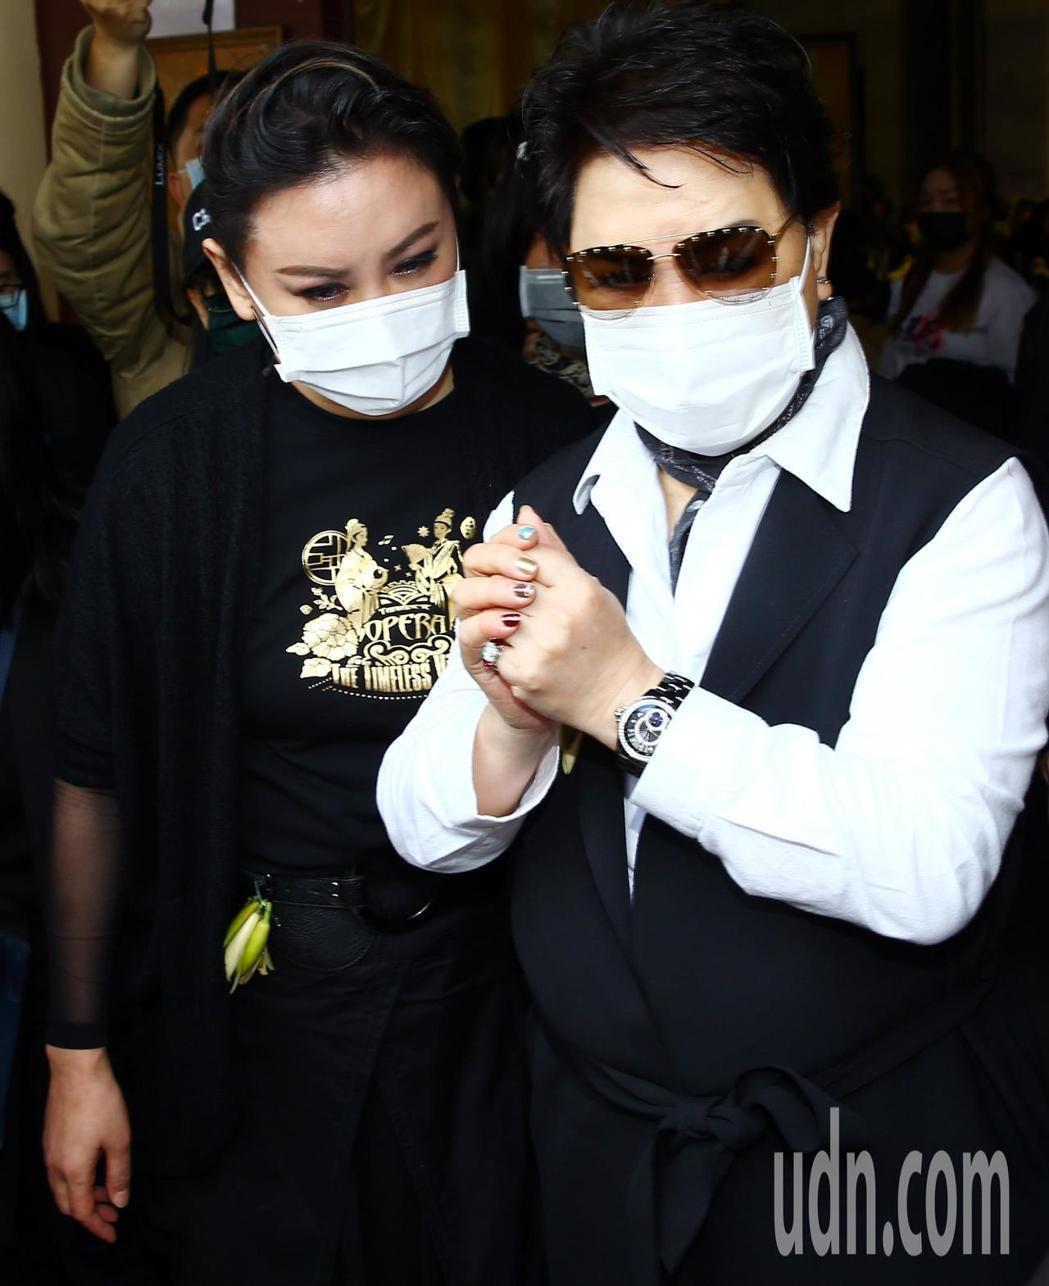 楊麗花歌仔戲團當家丑角小鳳仙(陳麗如)今日上午在板橋殯儀館舉行告別式,楊麗花(右